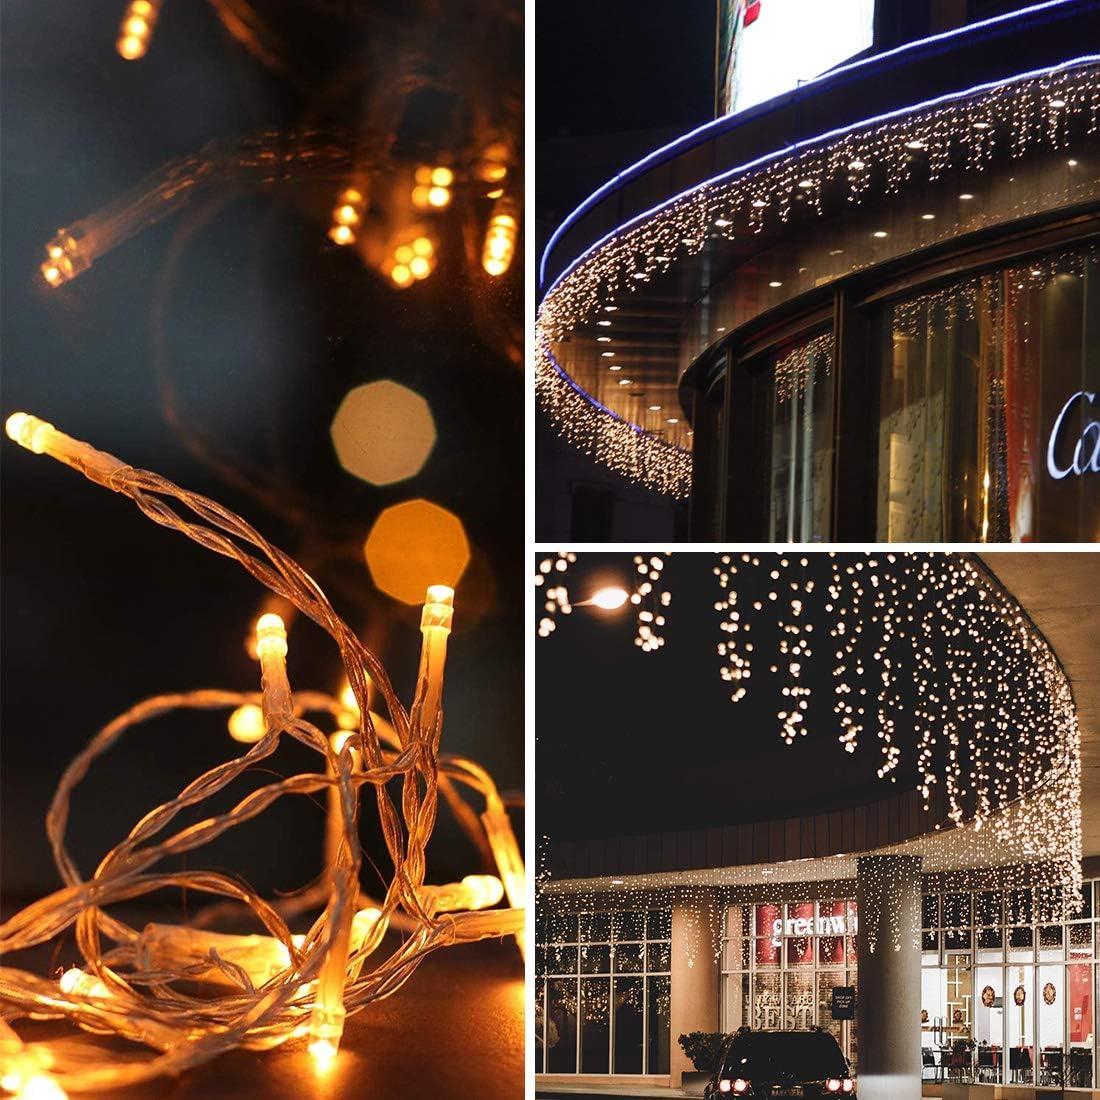 216 LED Lichterkette Warmwei/ß 5.5M Eiszapfen Lichter mit EU stecker 8 Leuchtmodi Dimmbar Eisregen Lichtervorhang mit Remote Timer Au/ßen Innen Deko f/ür Weihnachten Garten Party Hochzeit Winter